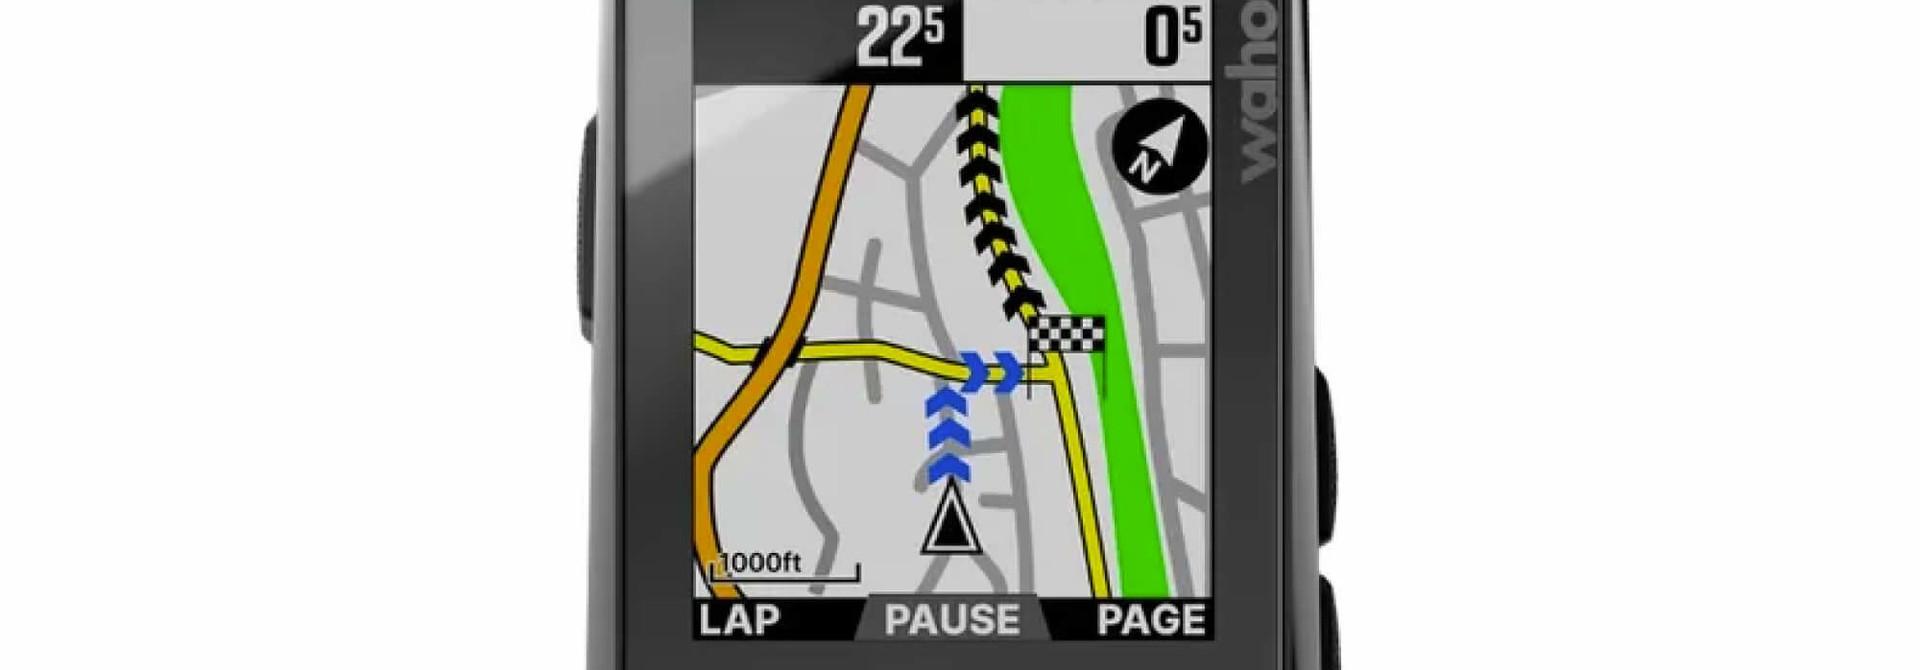 Elemnt Bolt GPS Bike Computer